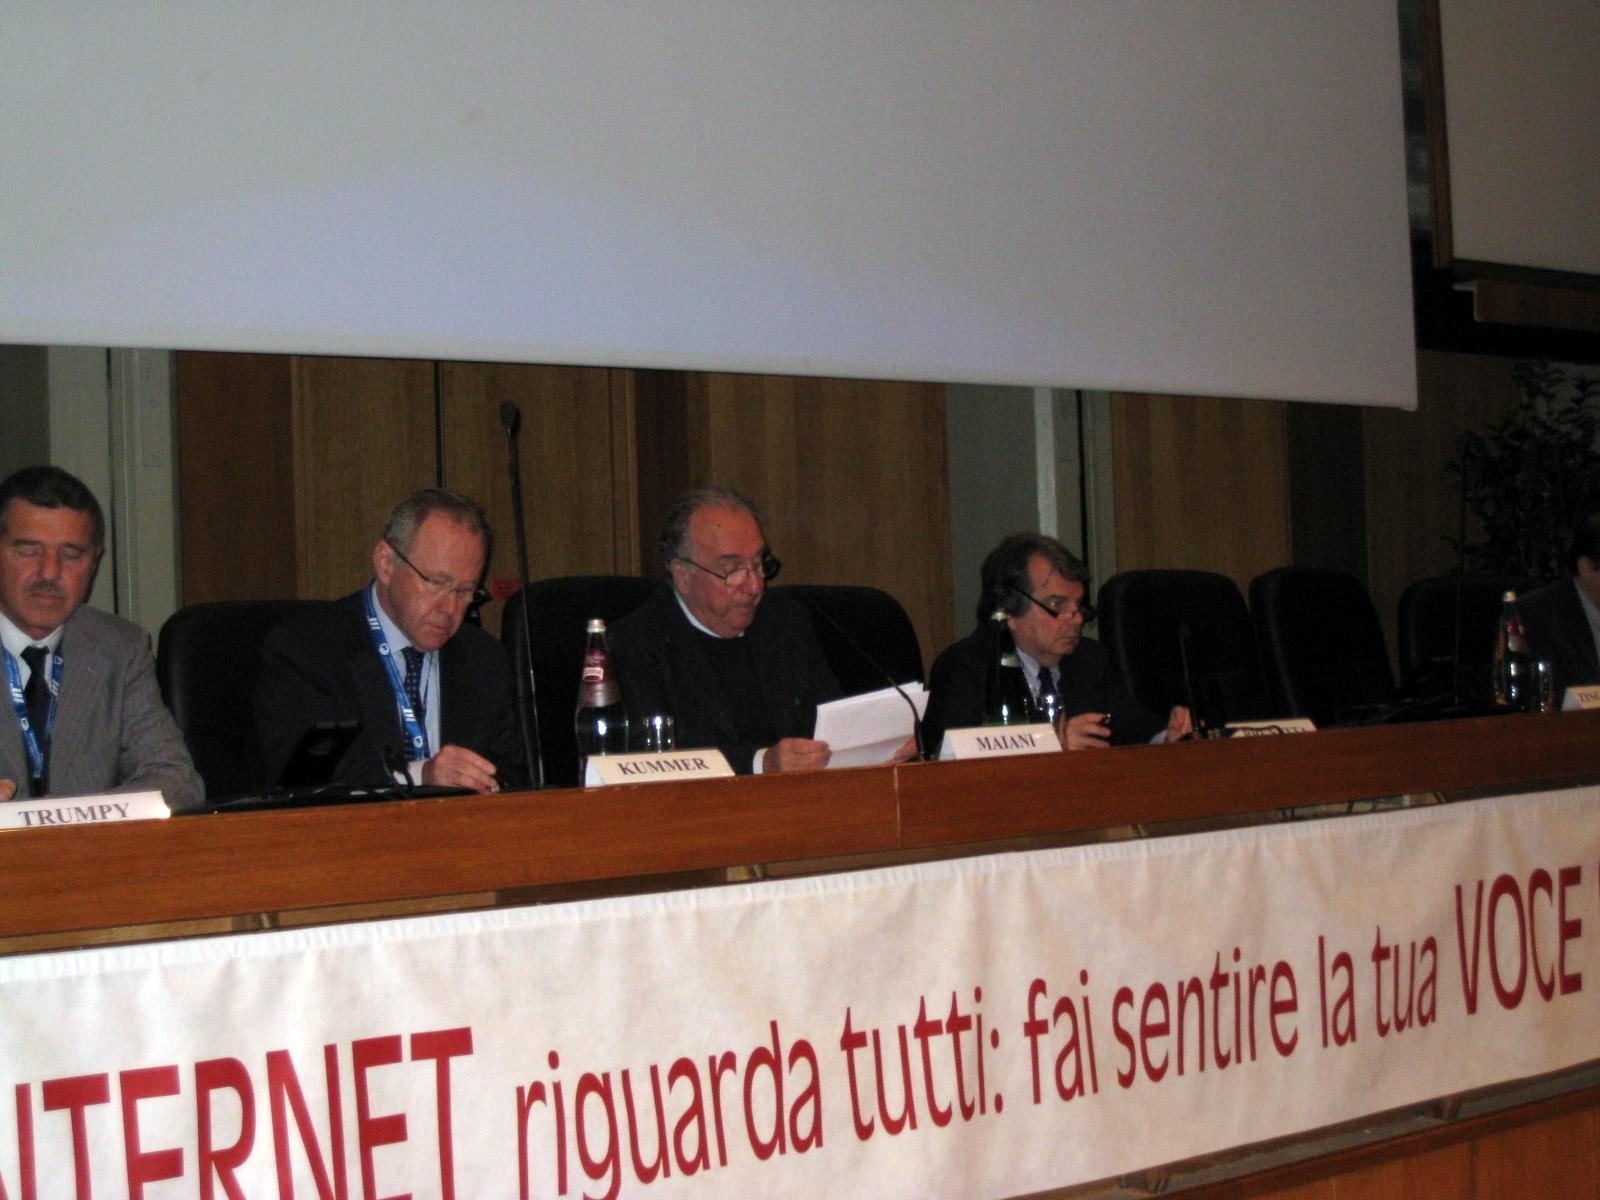 Igf Italia 2010, da sx Stefano Trumpy, Markus Kummer, Luciano Maiani, Renato Brunetta